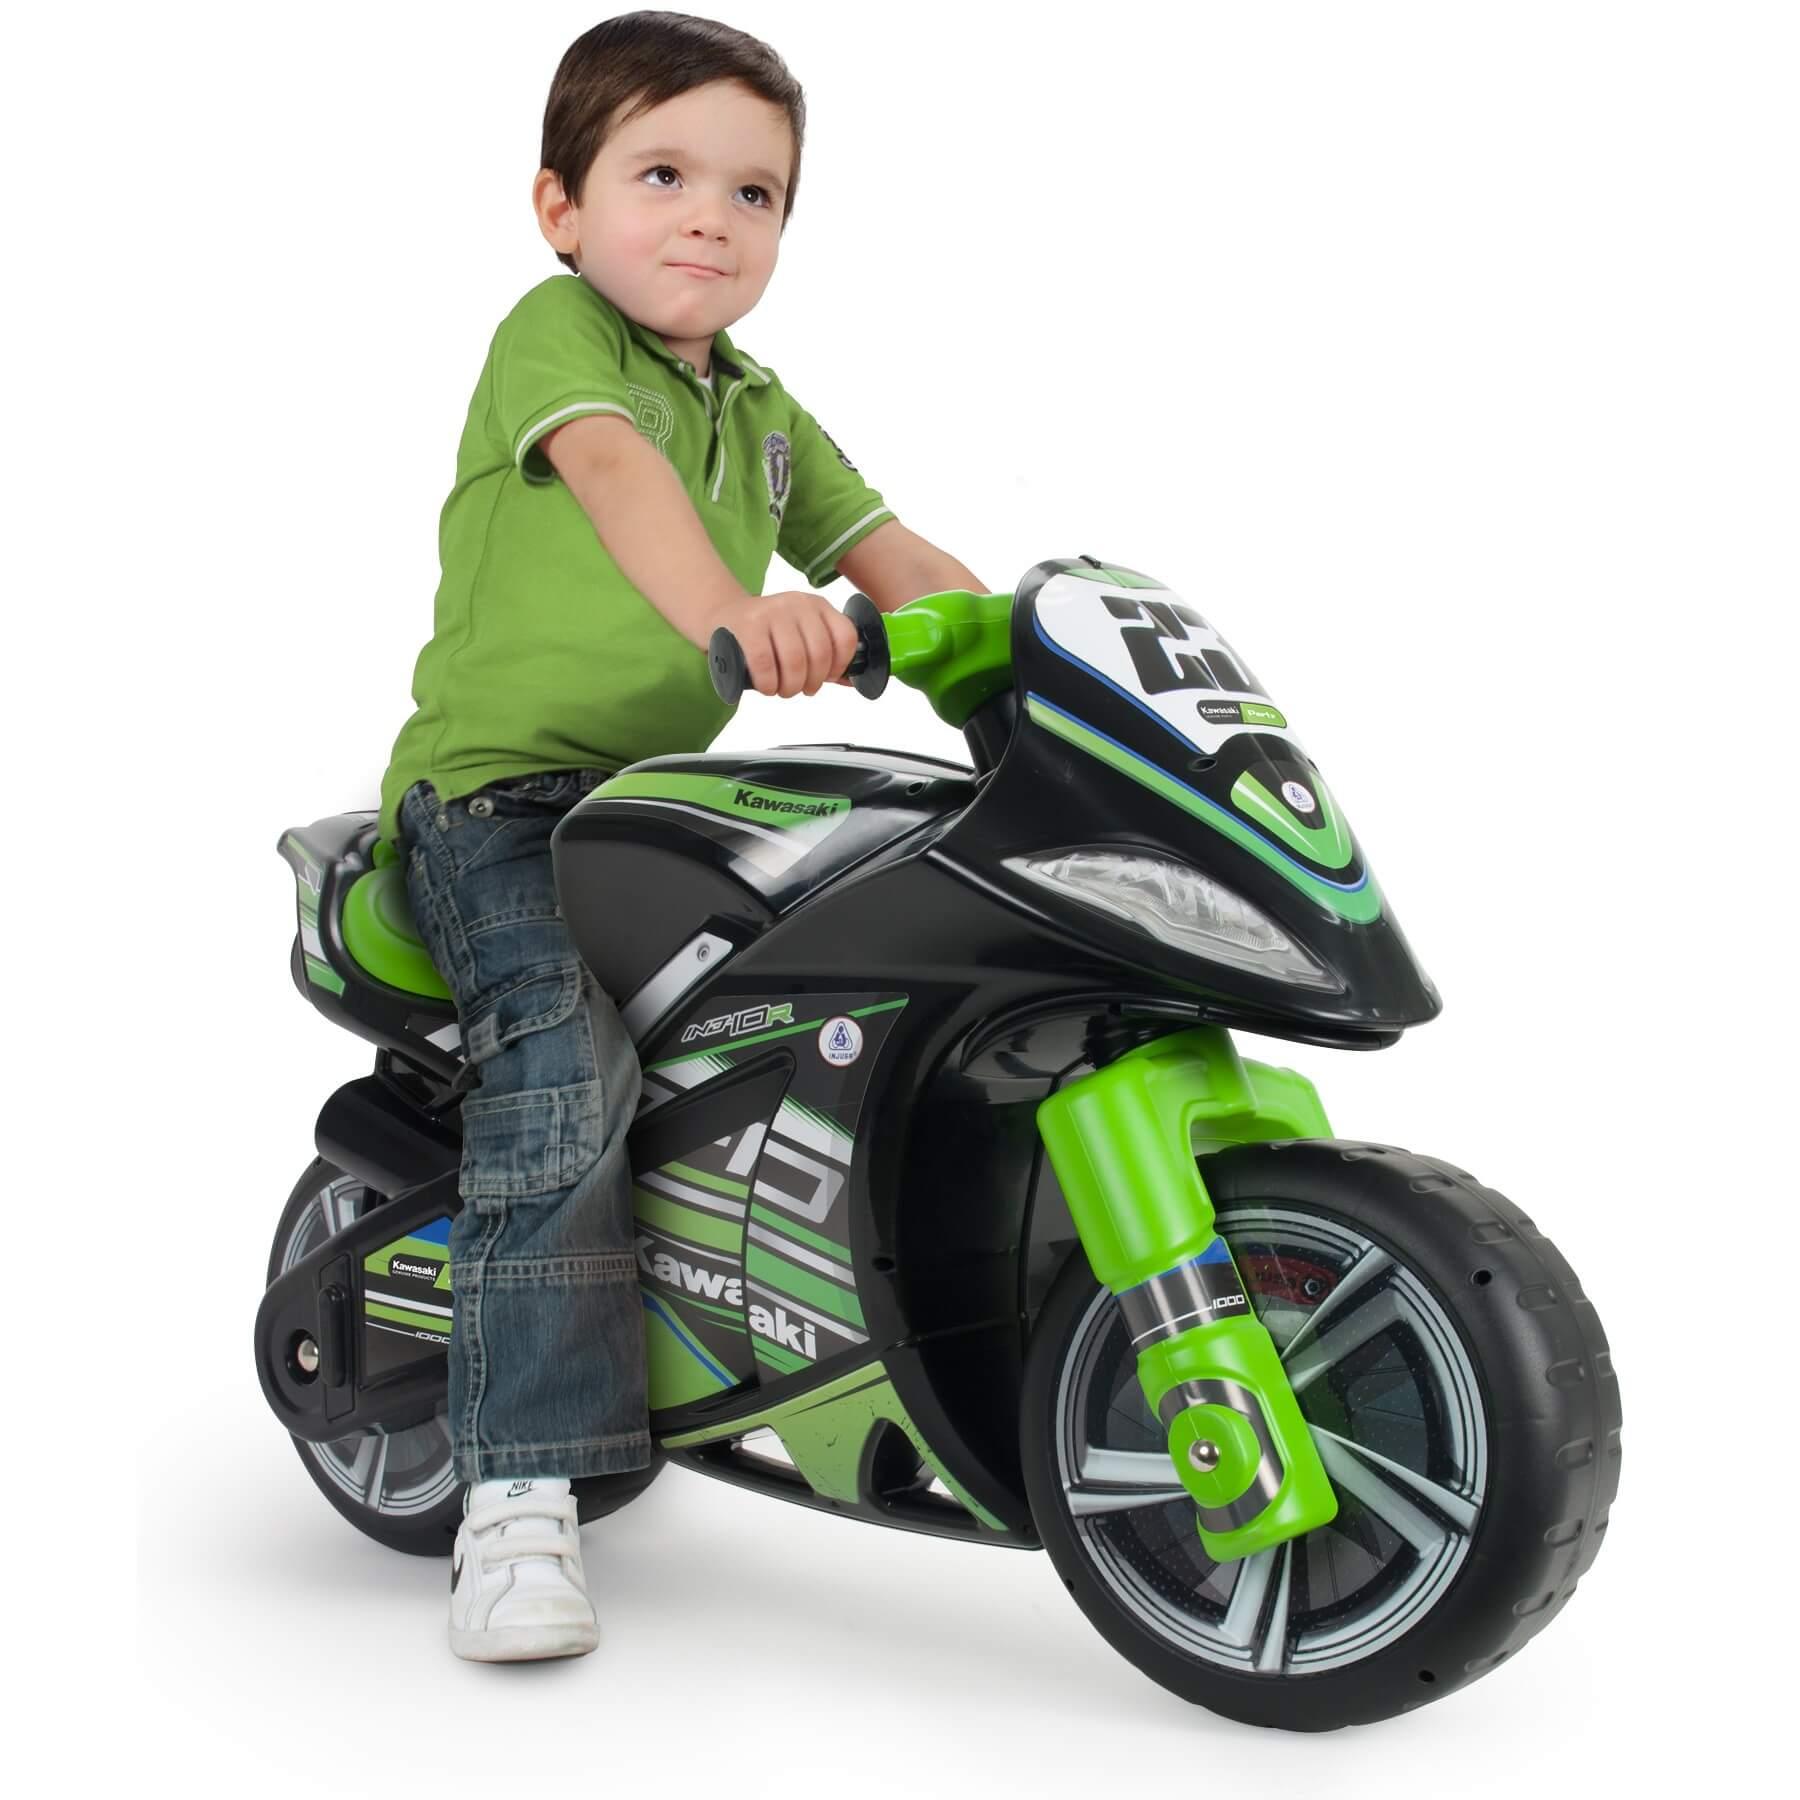 Läs mer om Motorcykel Kawasaki XL